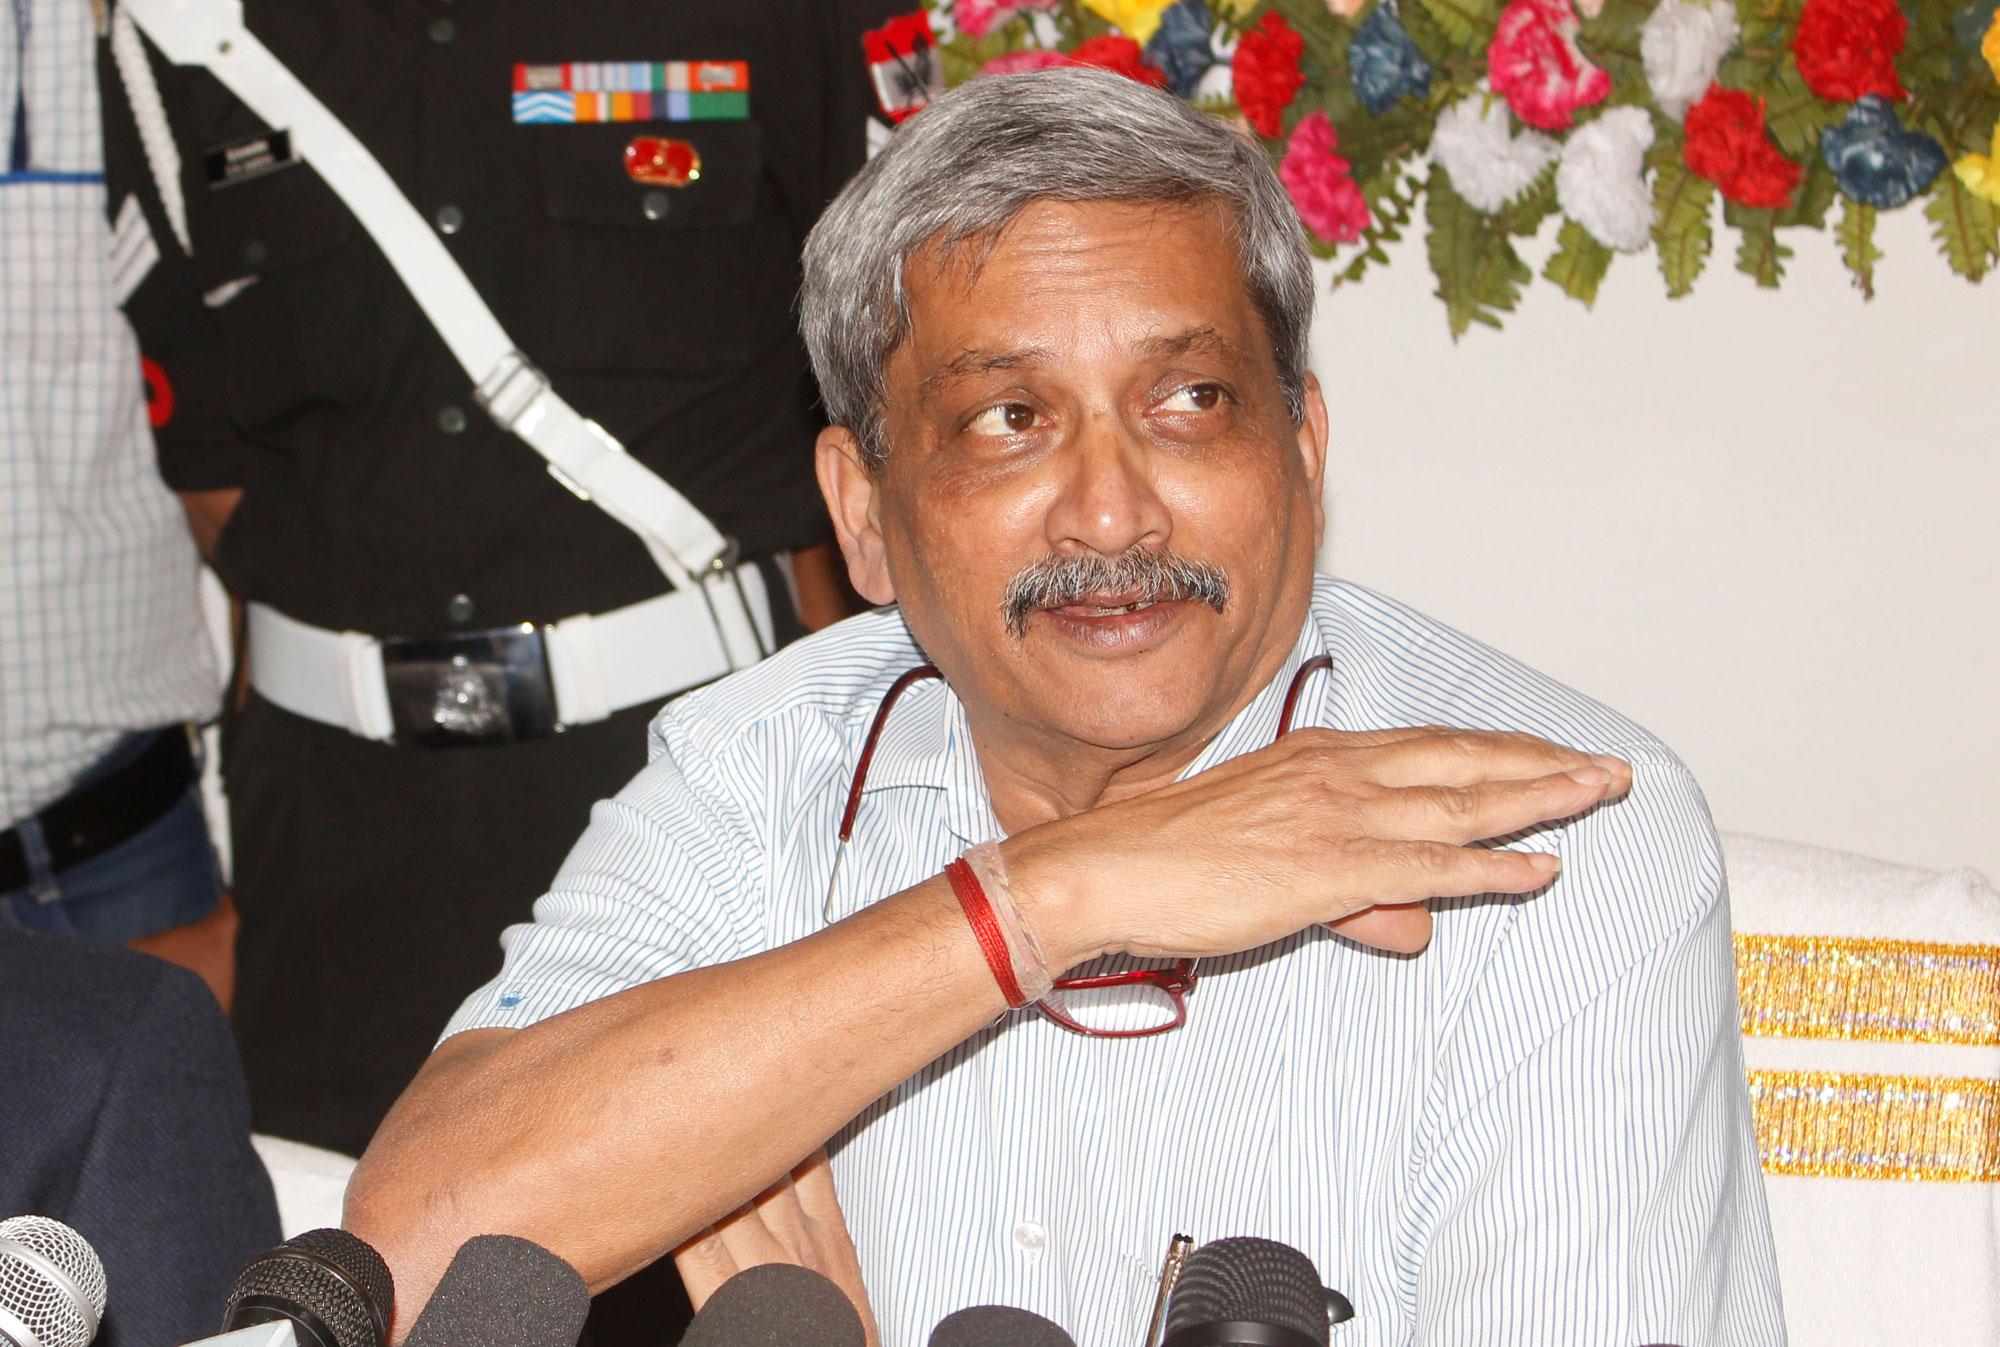 Parrikar knows deal secrets, says Cong